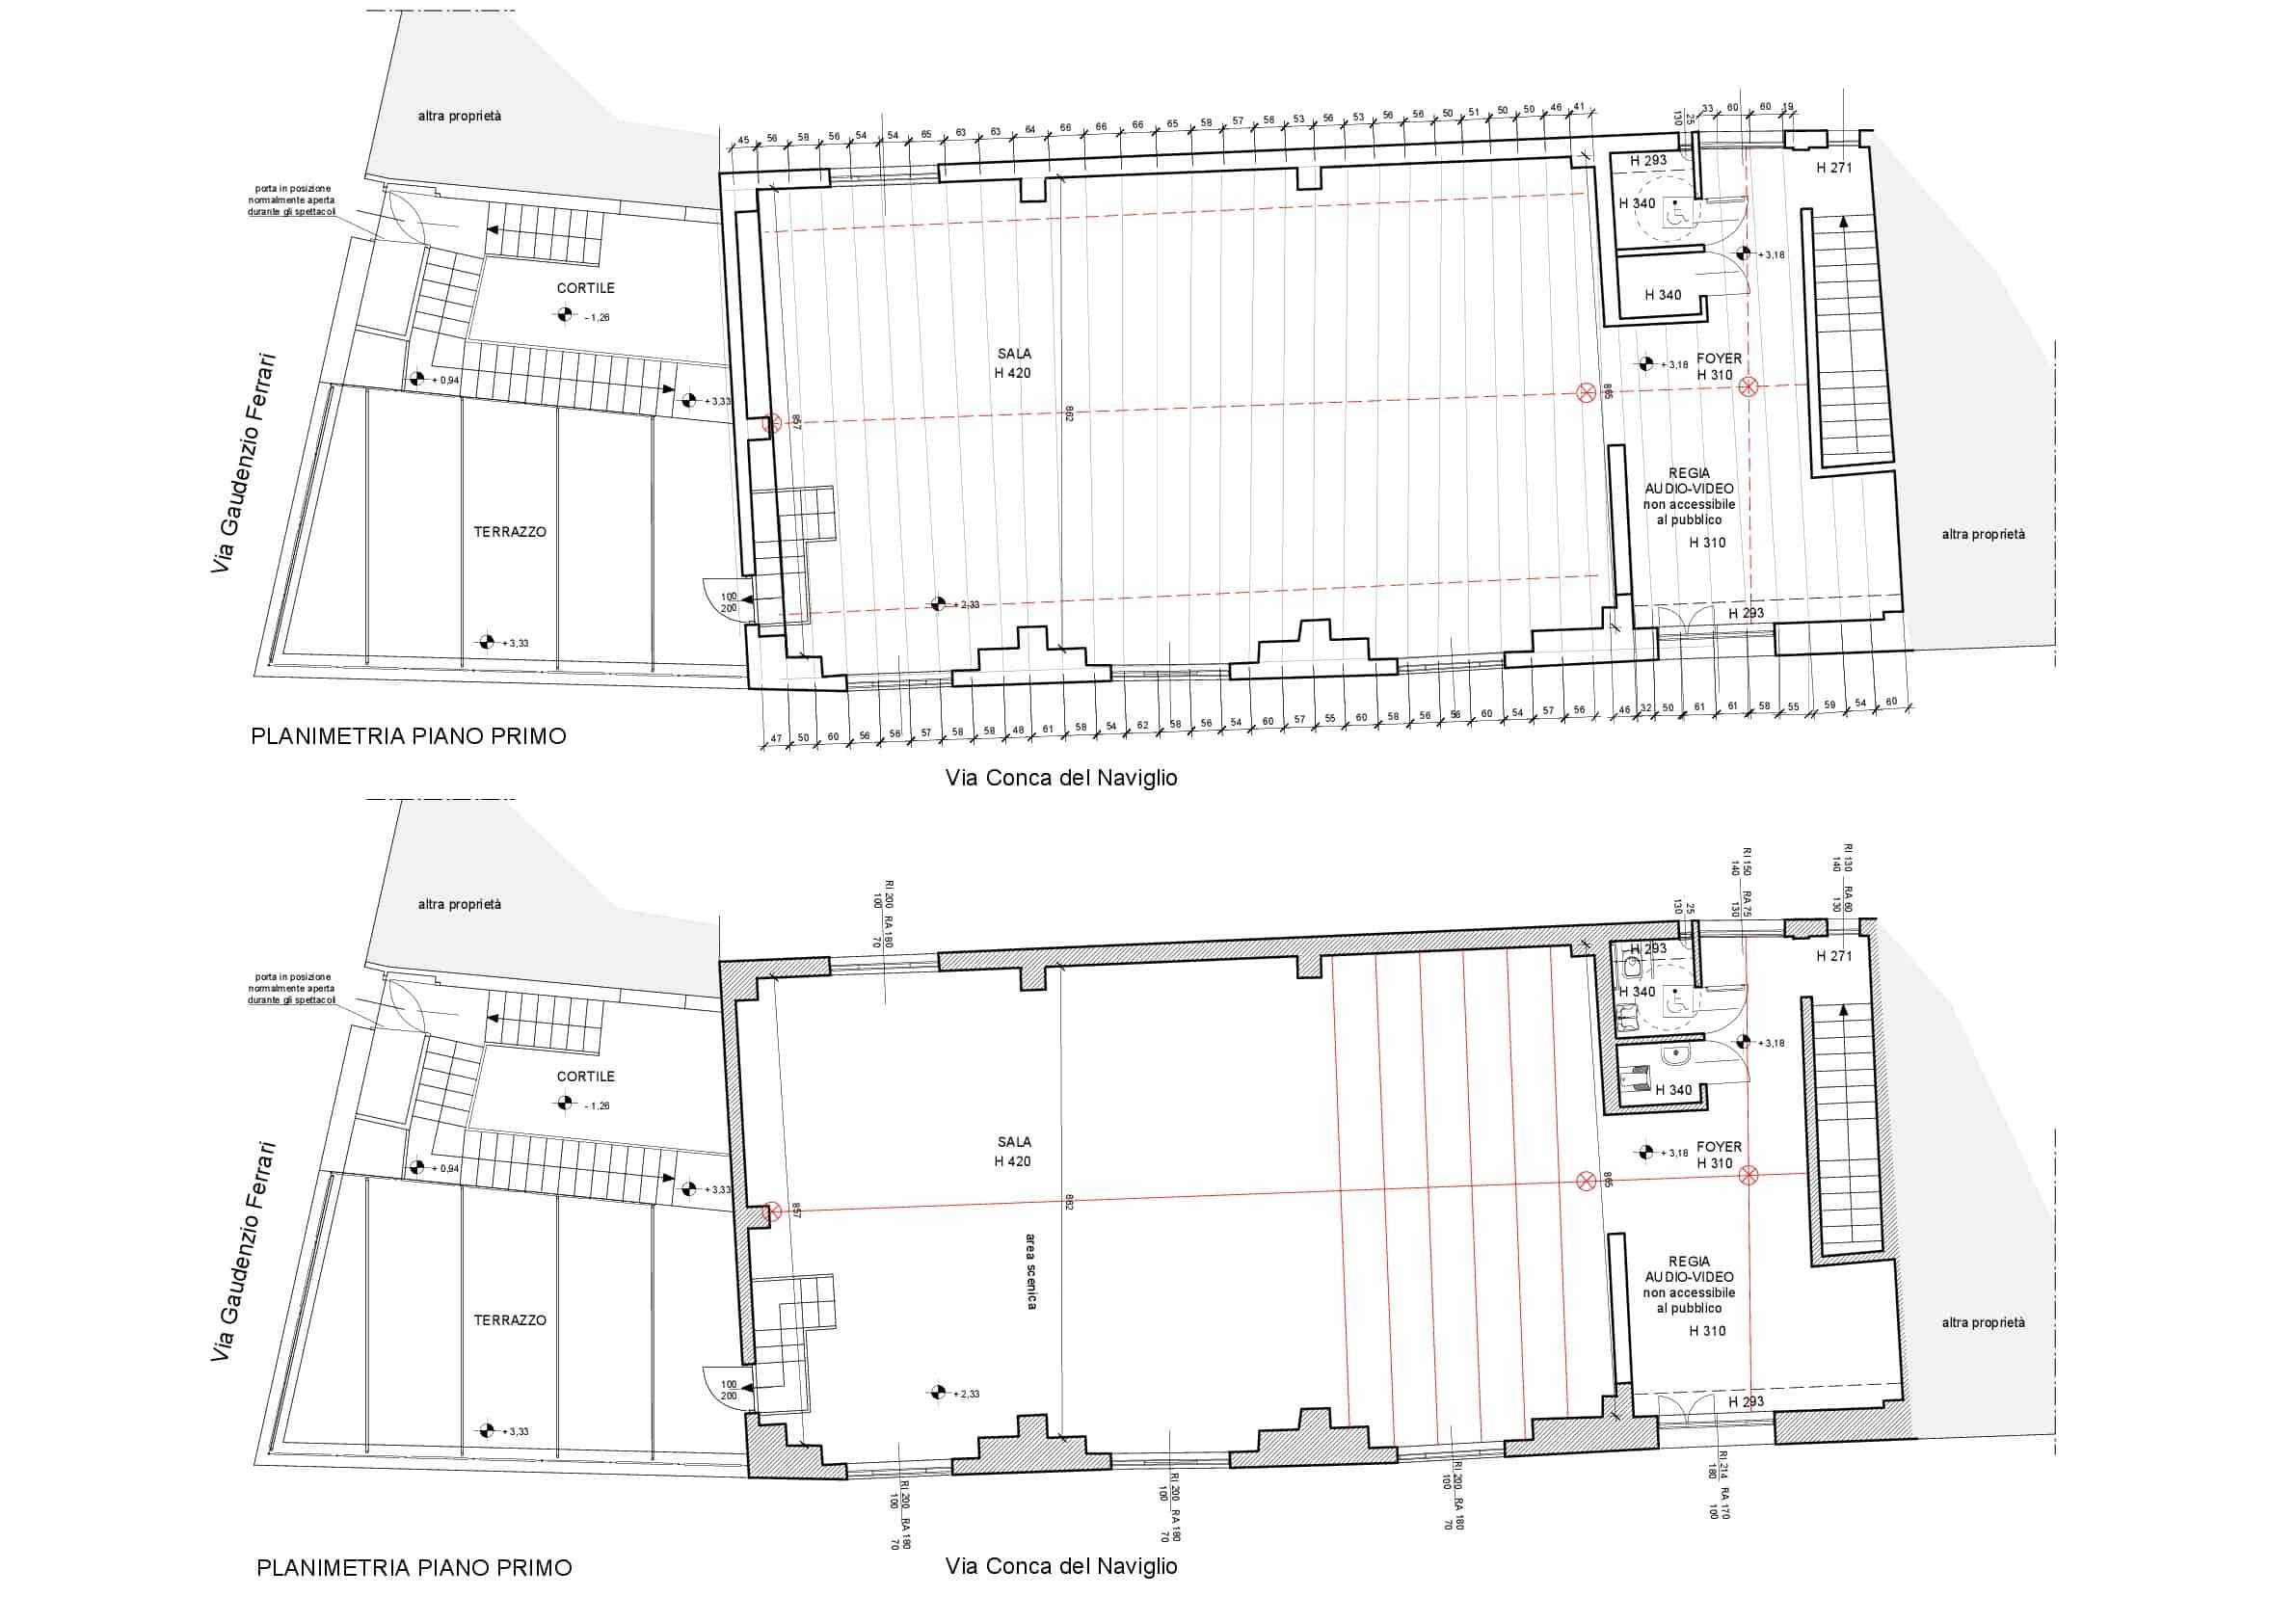 Planimetria Teatro I